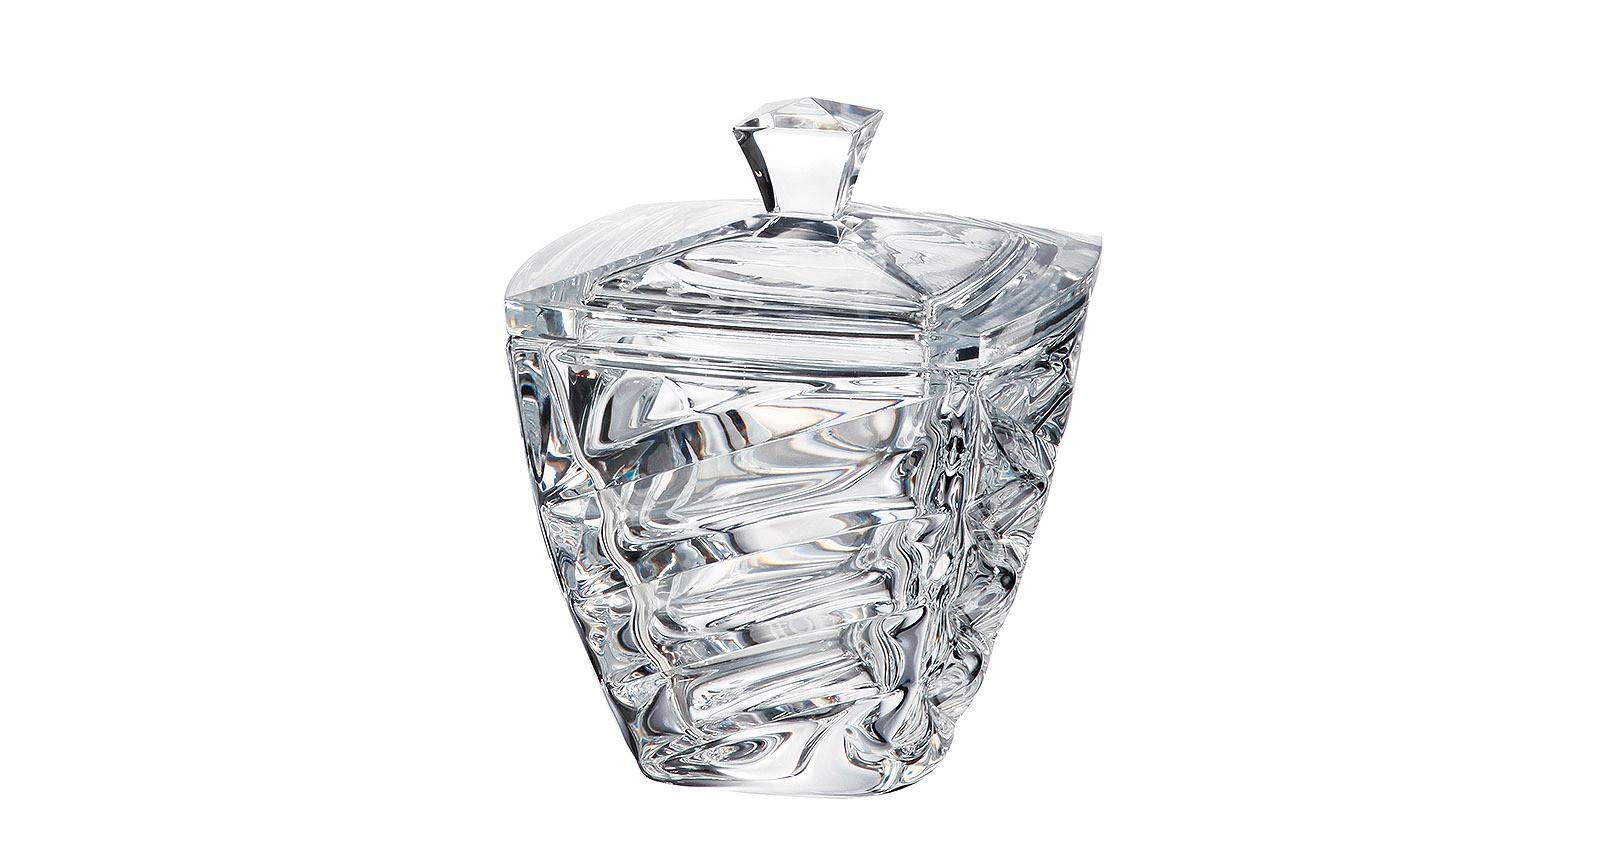 Φοντανιέρα Facet Bohemia Με Καπάκι Κρυστάλλινη 18cm home   κρυσταλλα  διακοσμηση   κρύσταλλα